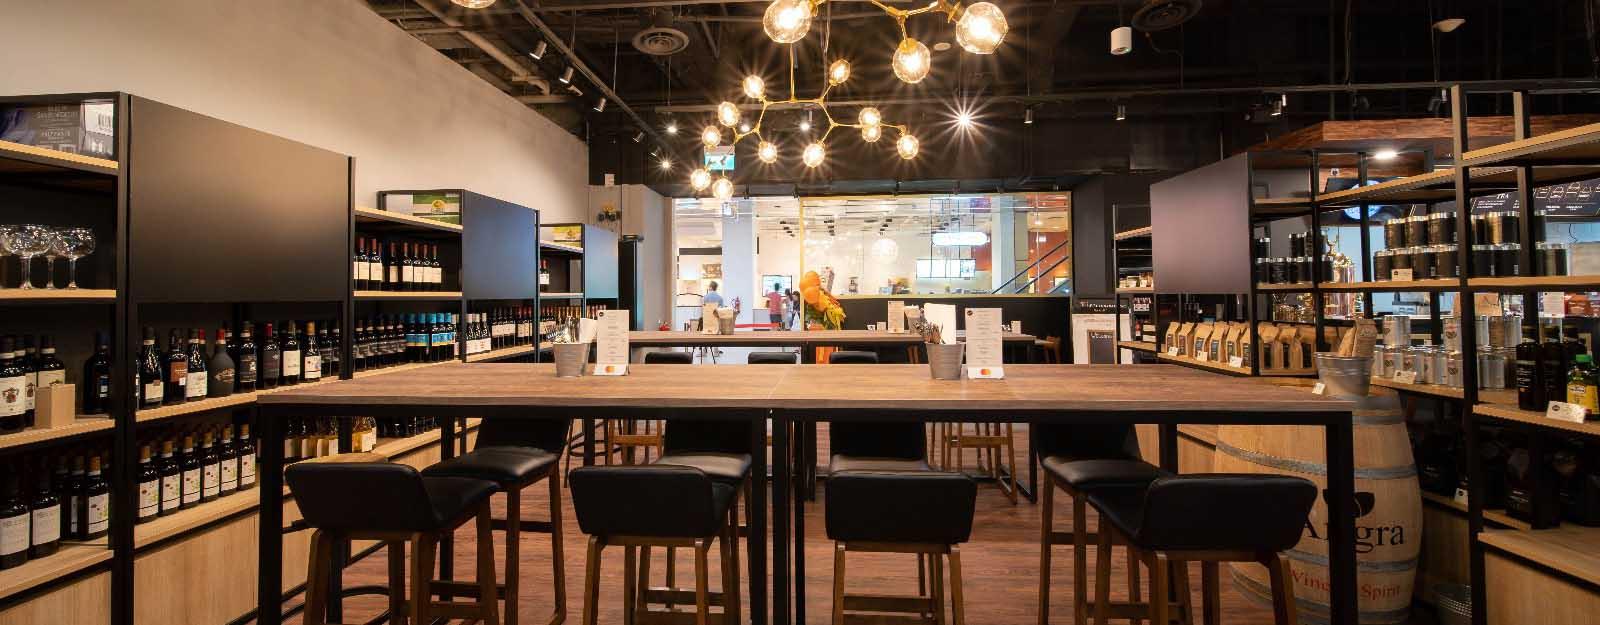 MORETTINO CAFE, TANJONG PAGAR